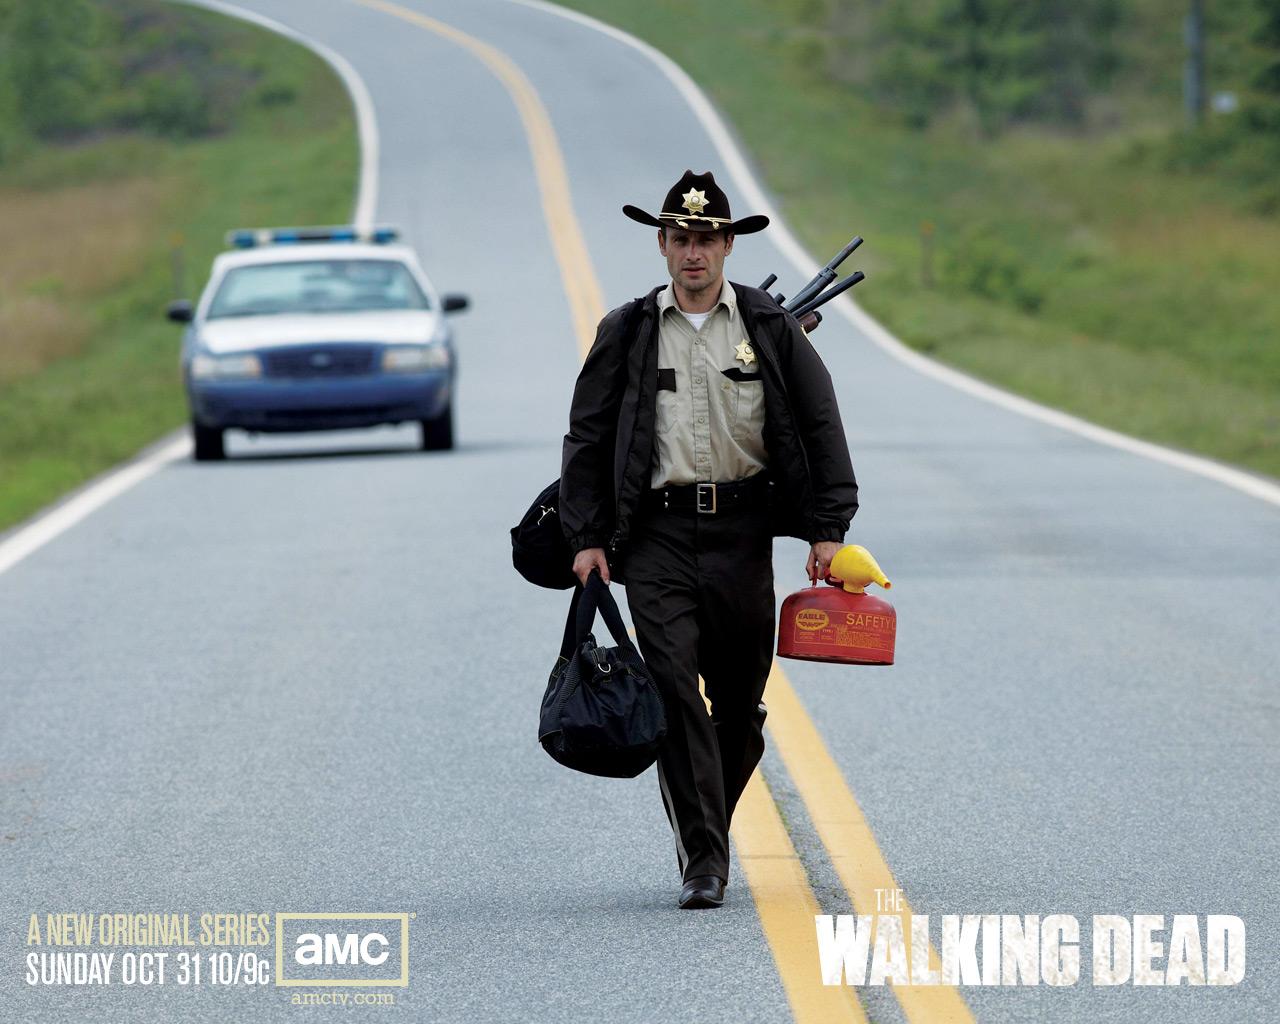 [影集] The Walking Dead (2010~) The%20Walking%20Dead%20-%20002